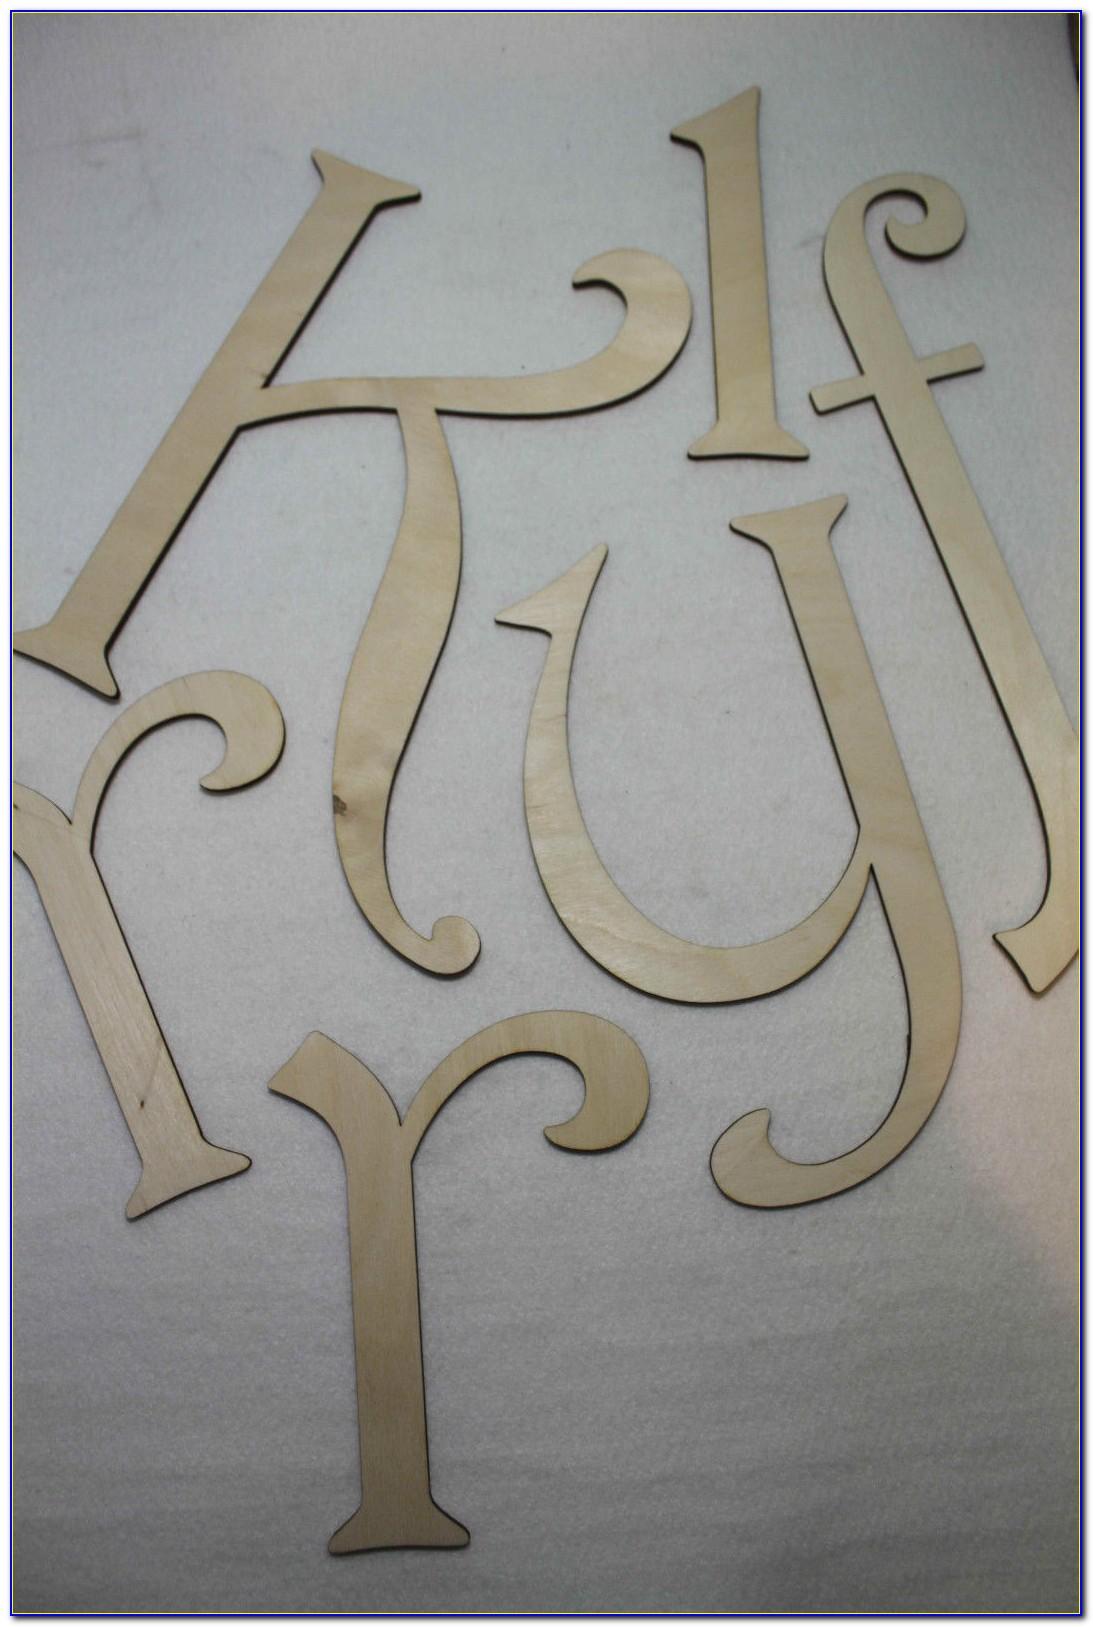 18 Inch Script Wooden Letters